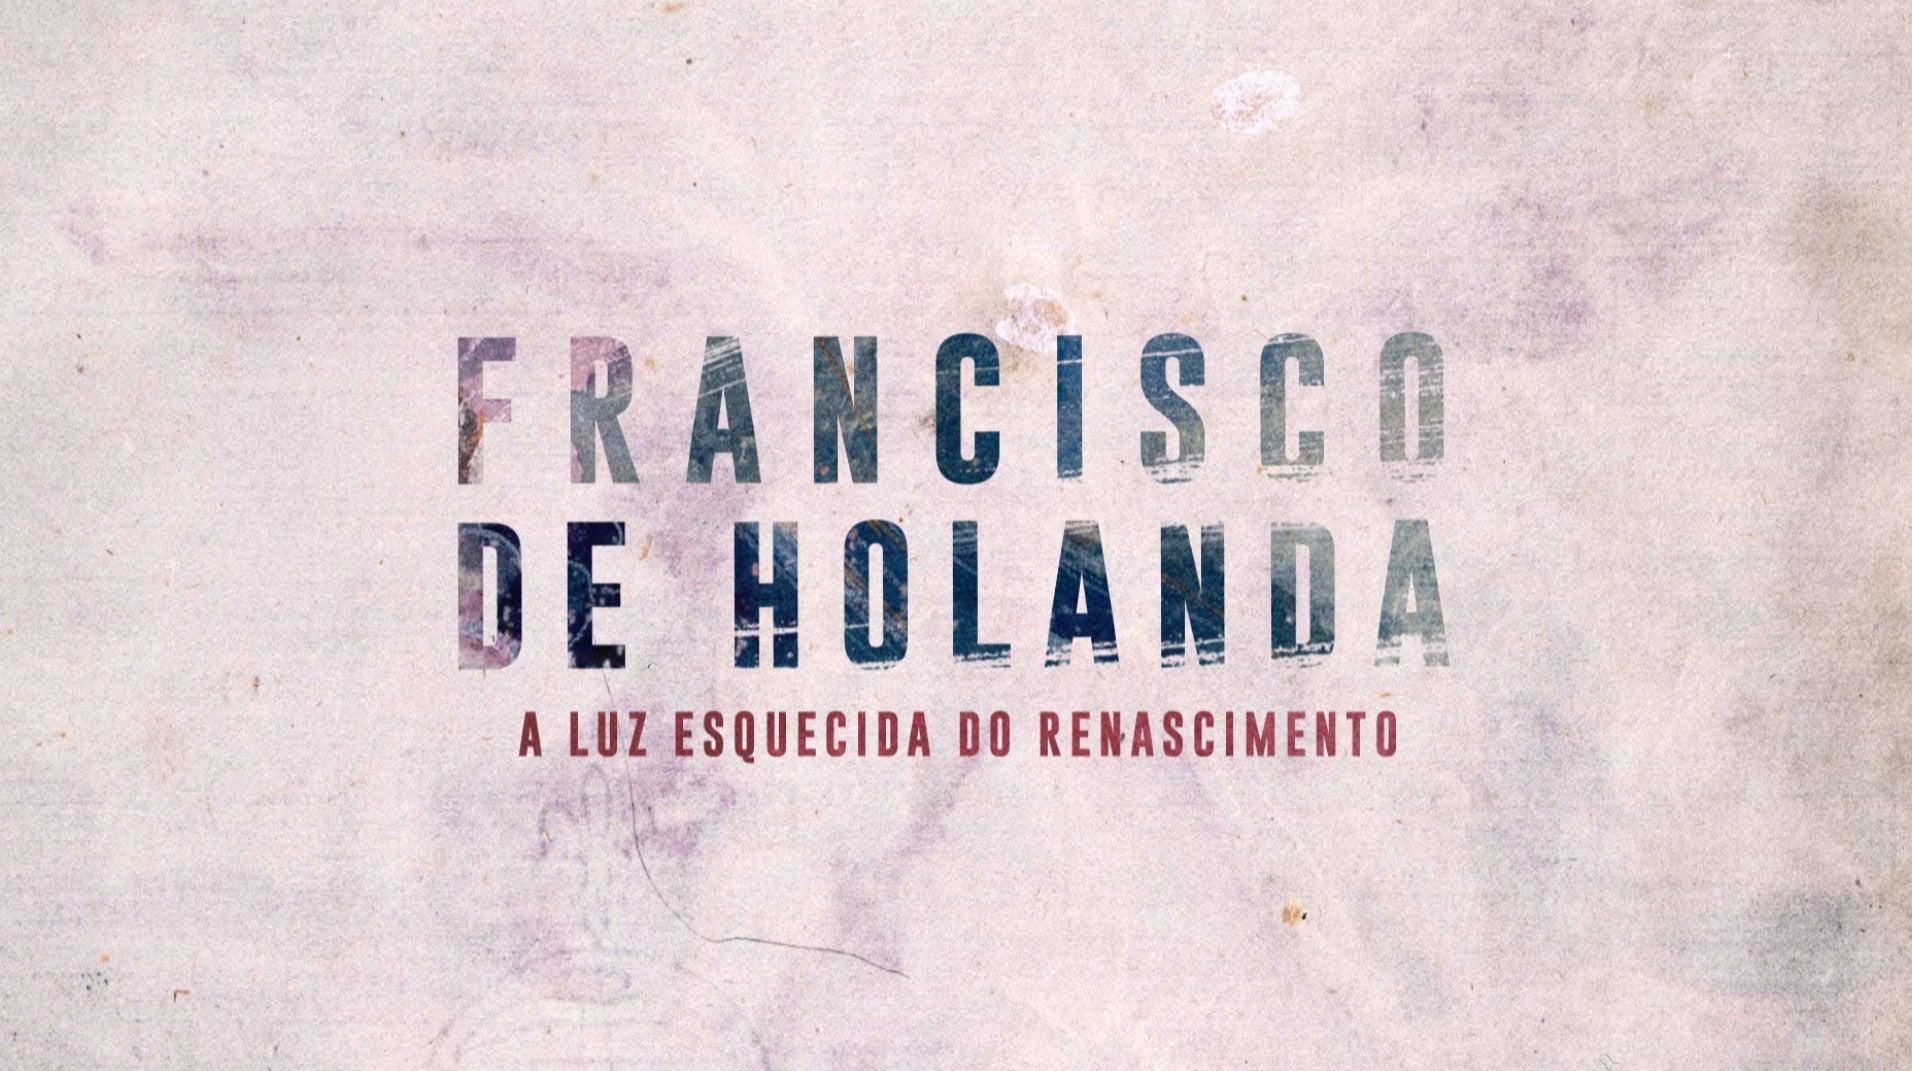 Francisco de Holanda - A Luz Esquecida do Renascimento